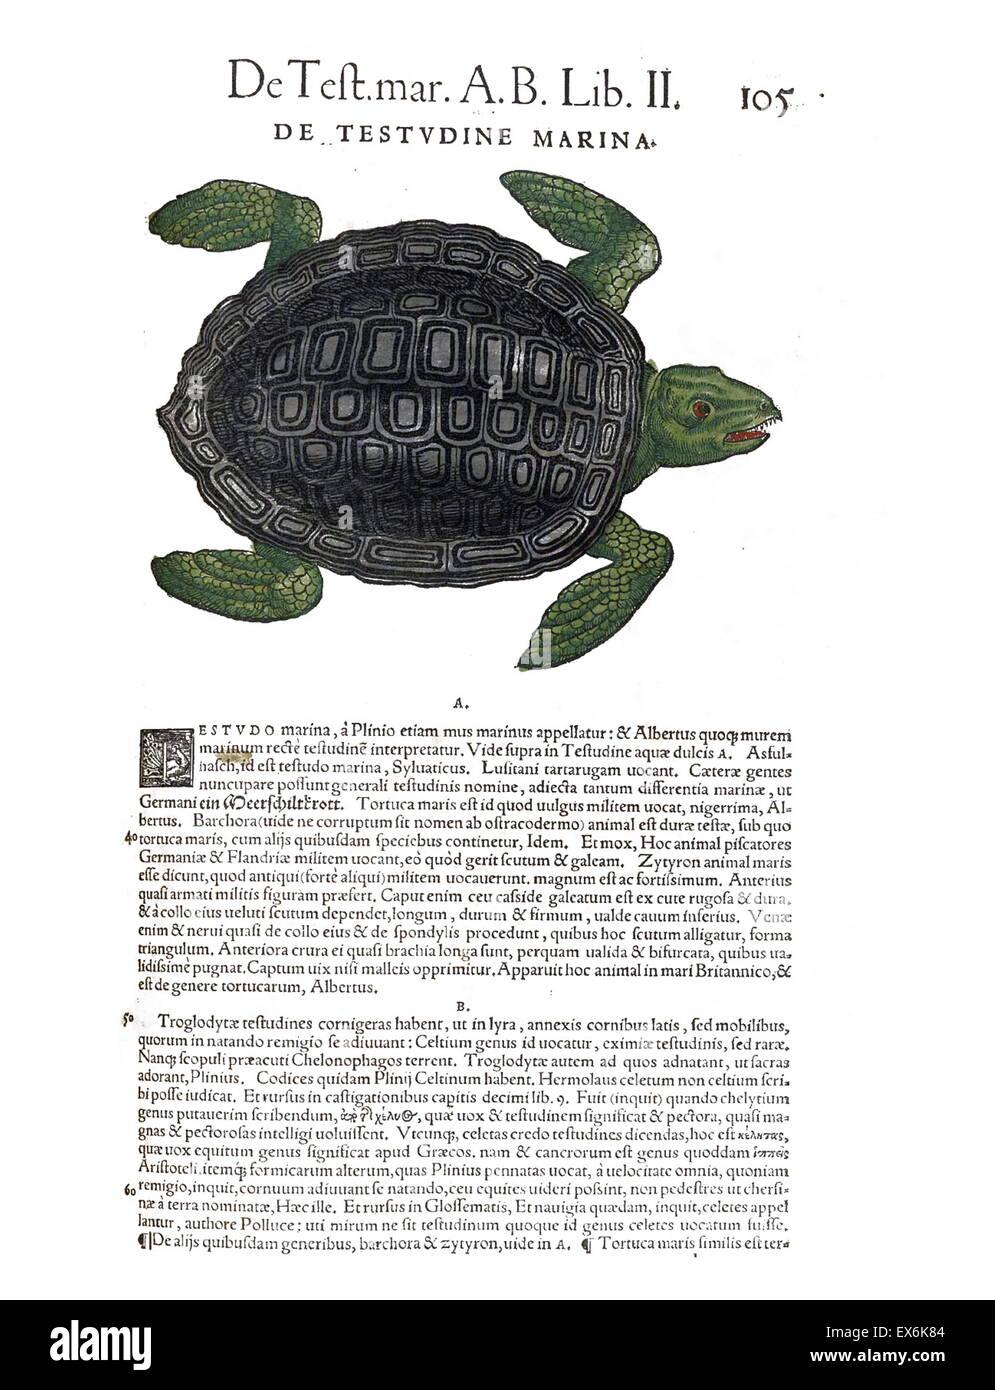 Fantástico Anatomía De Las Tortugas Marinas Inspiración - Anatomía ...